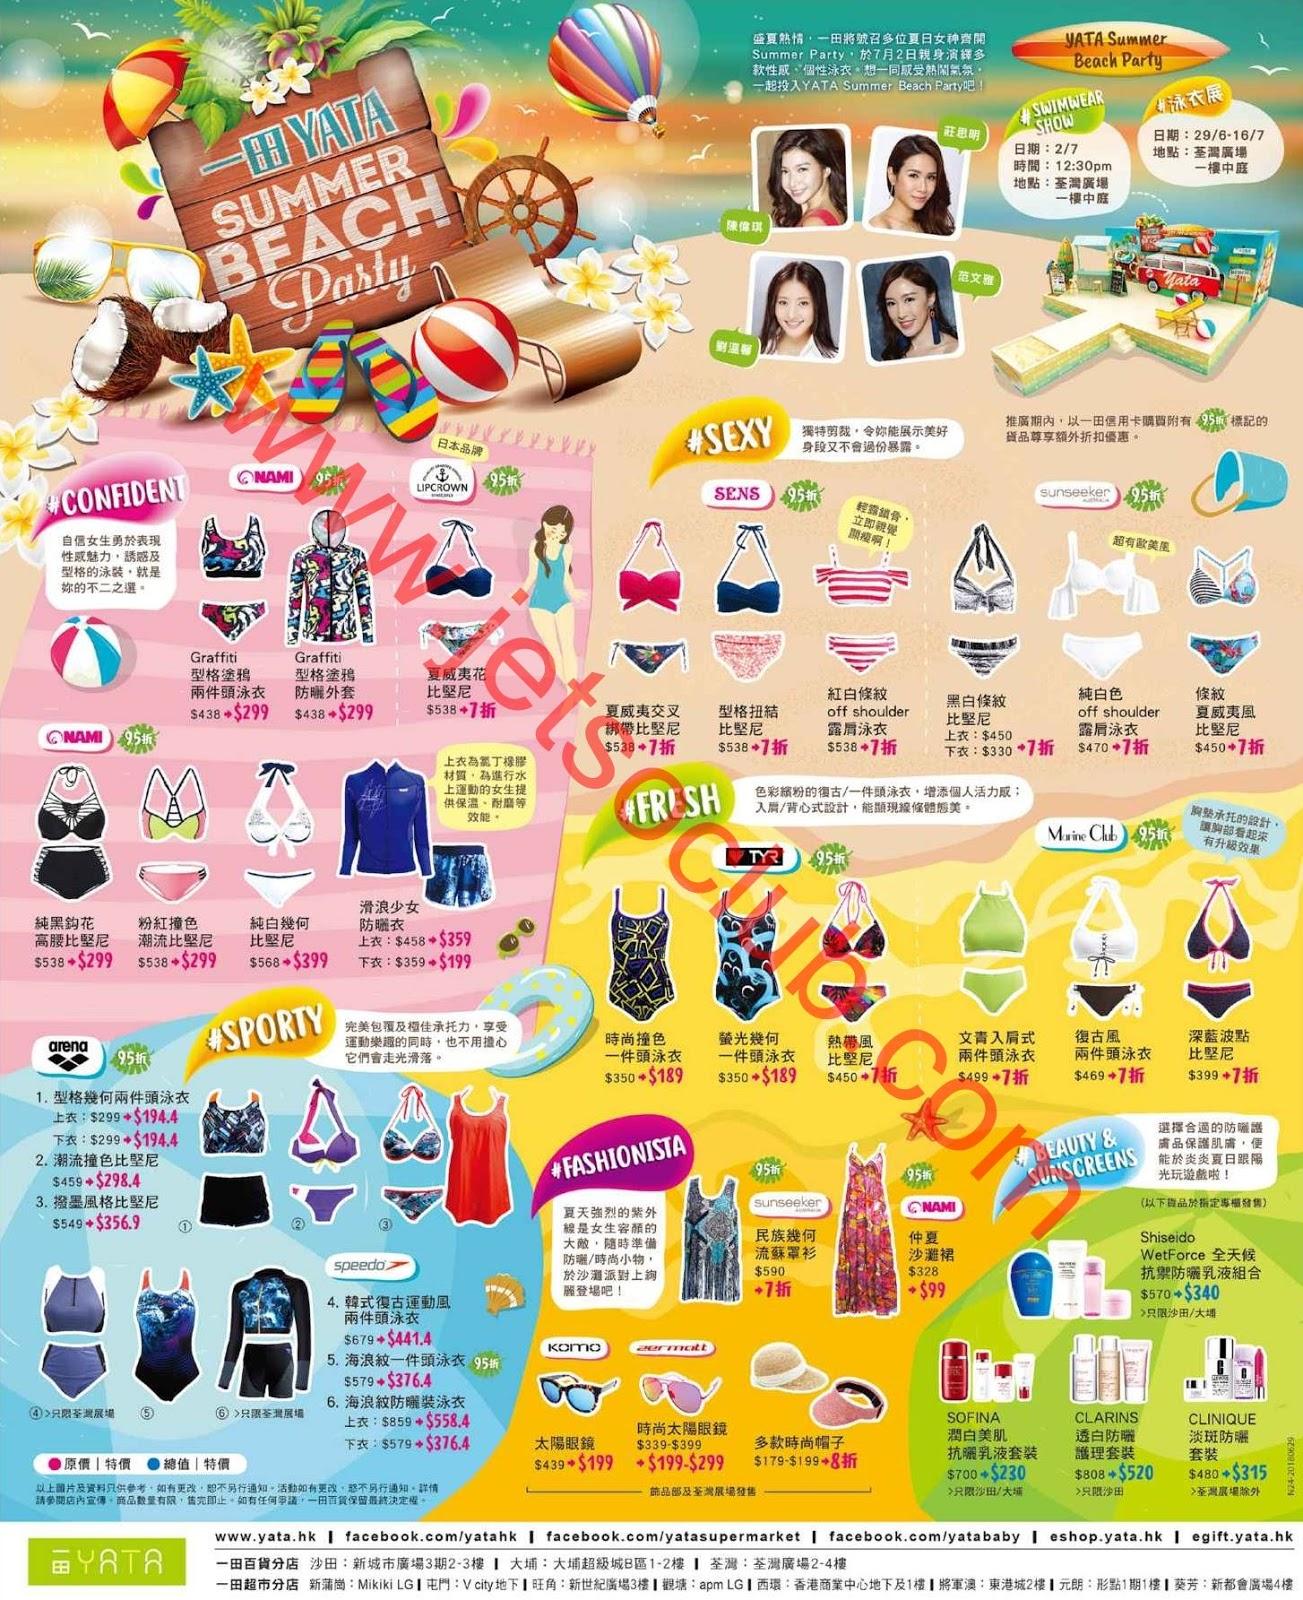 一田:Summer Beach Party / 泳衣展(至16/7) ( Jetso Club 著數俱樂部 )